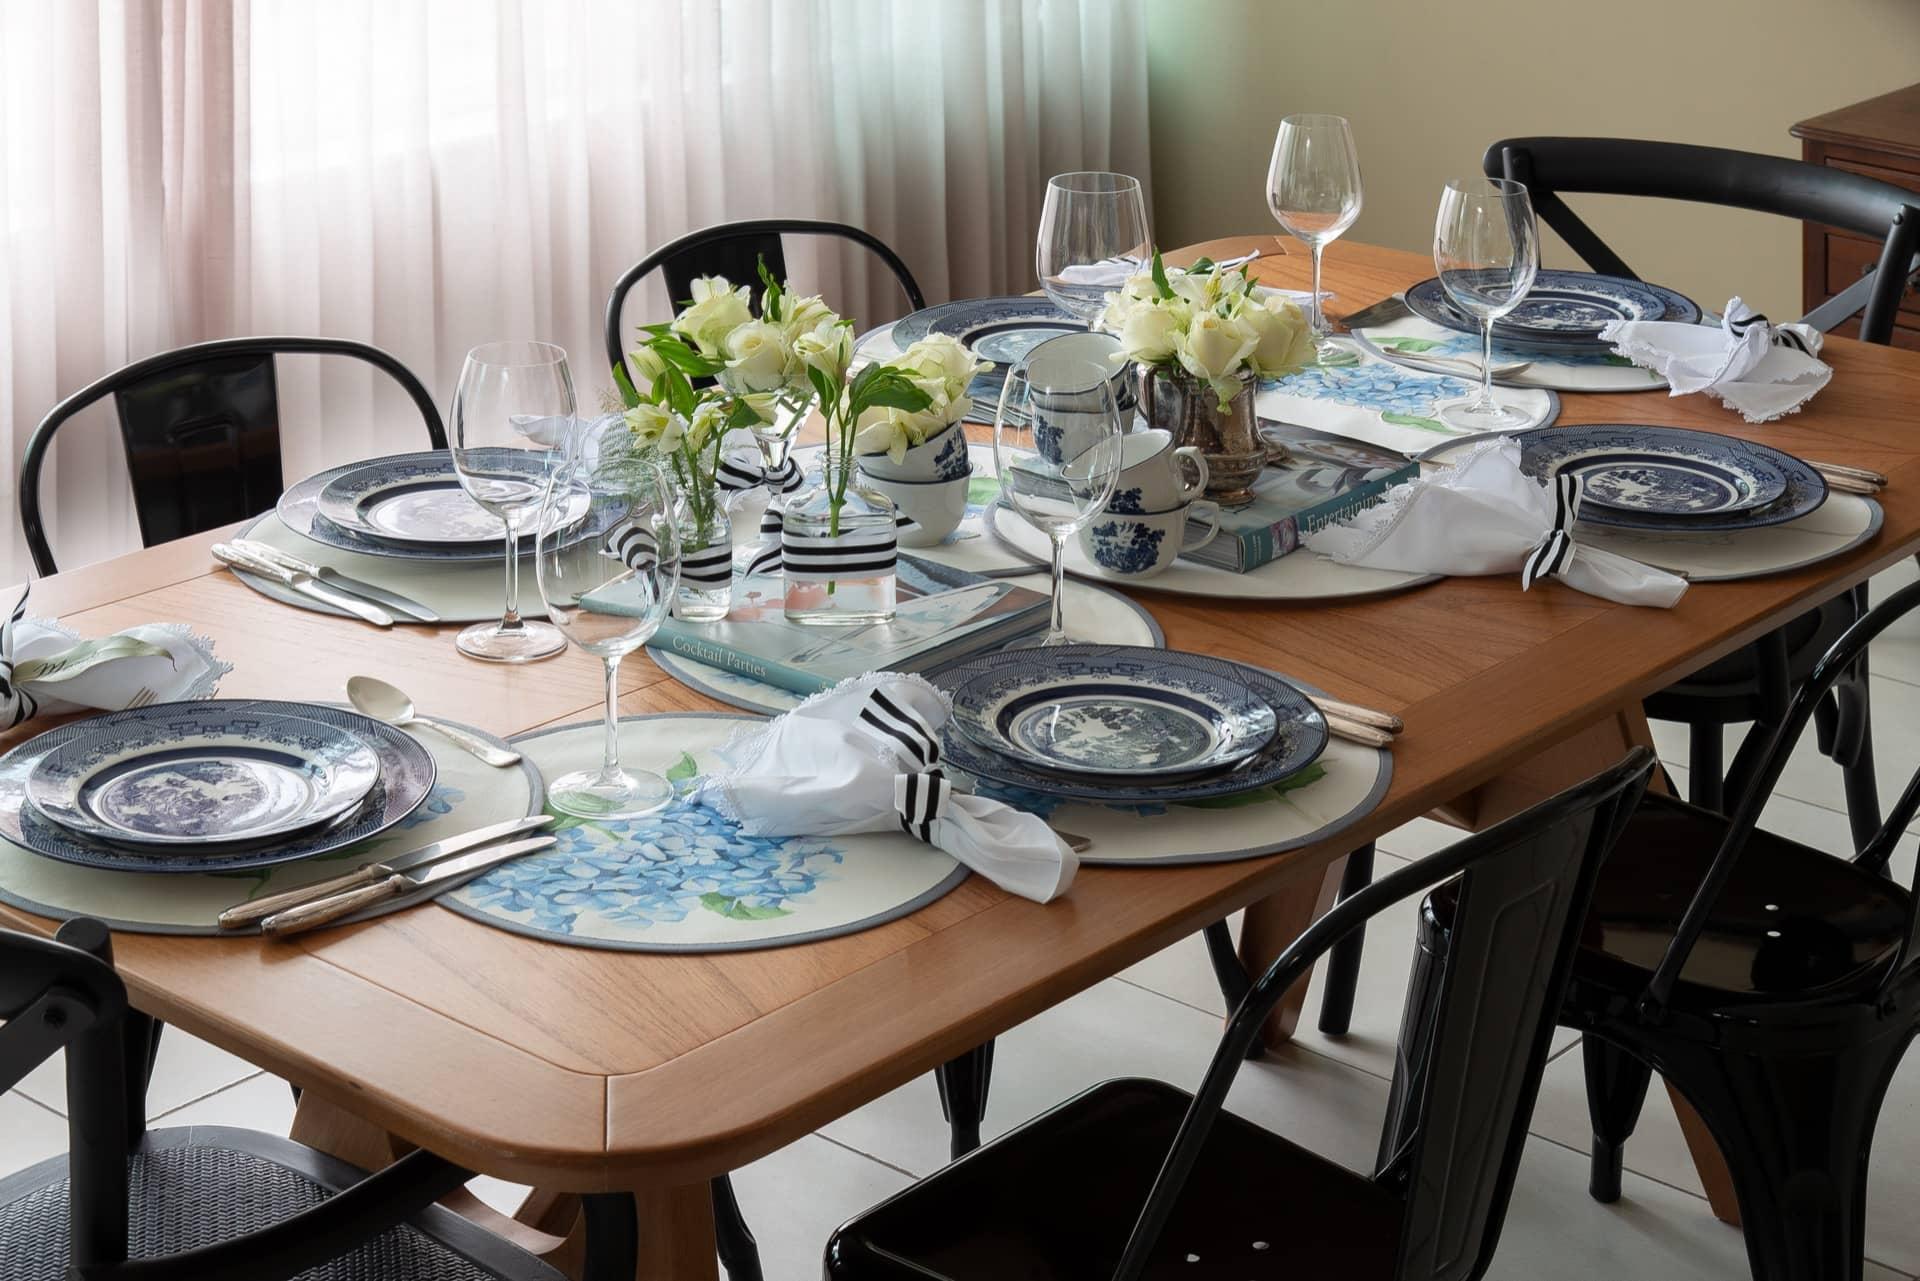 Imagem: Elementos tradicionais e modernos se misturam na mesa do almoço de Dia das Mães. As louças, com estilo chinoiserie, contrastam com as cadeiras de metal que têm design contemporâneo. E em vez de uma toalha de mesa, que deixa o ambiente mais formal, escolhemos um jogo americano com motivo de flores, da Conceito Roupa de Casa.Foto:Cacá Bratke